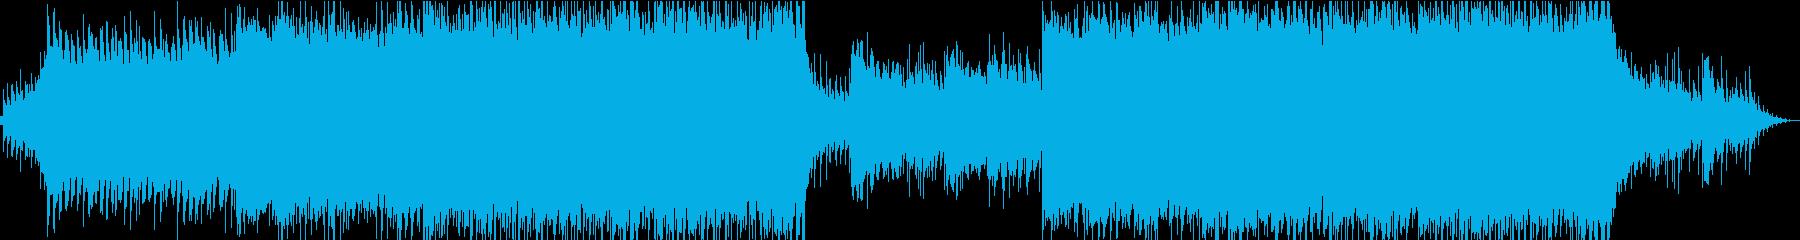 ポップ テクノ R&B アンビエン...の再生済みの波形